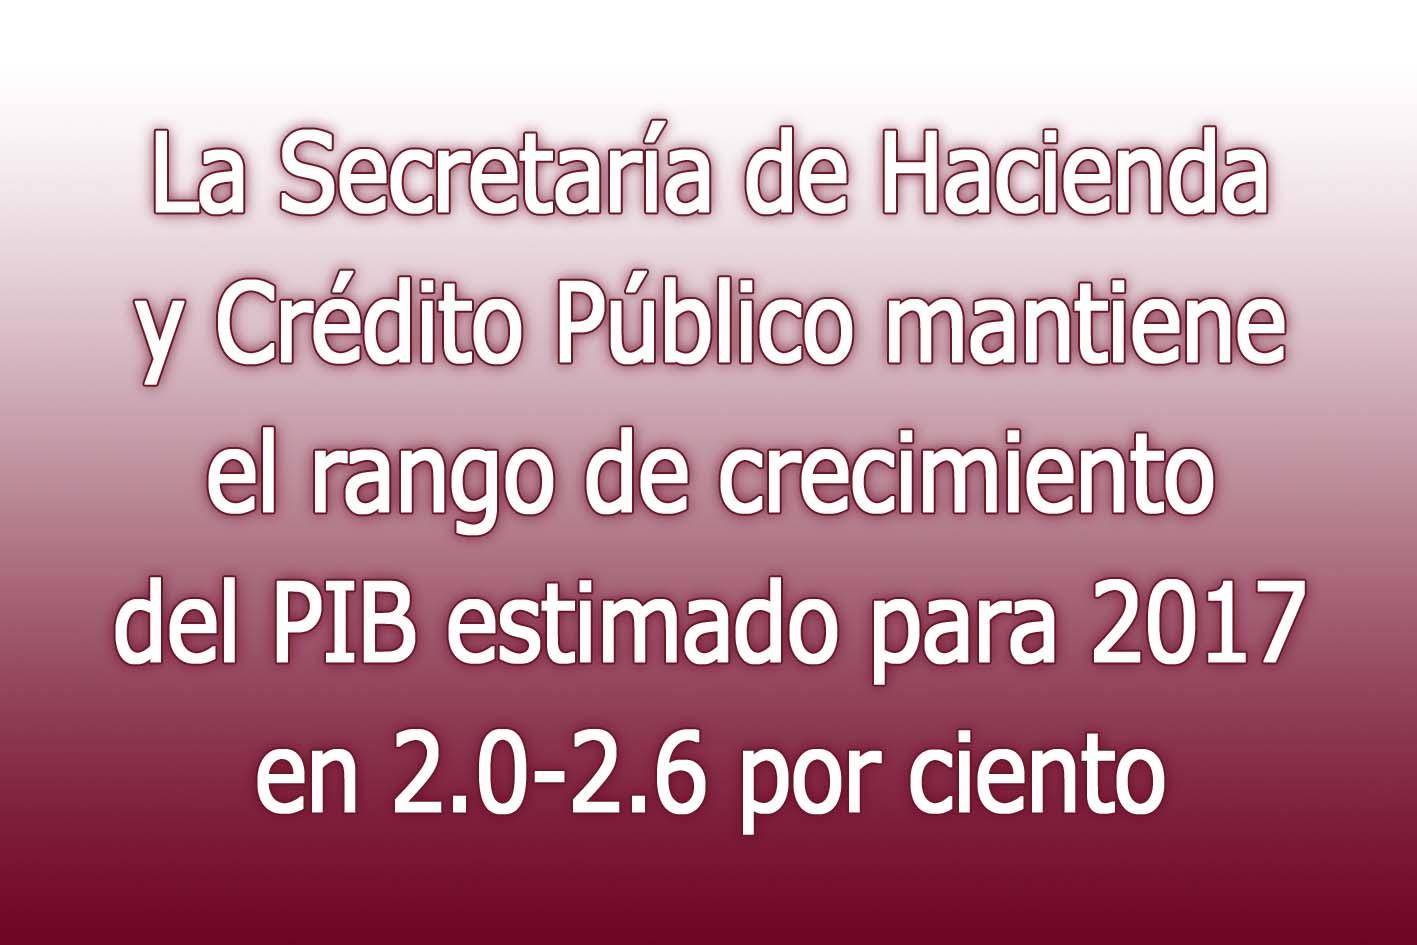 Photo of La Secretaría de Hacienda y Crédito Público mantiene el rango de crecimiento del PIB estimado para 2017 en 2.0-2.6 por ciento